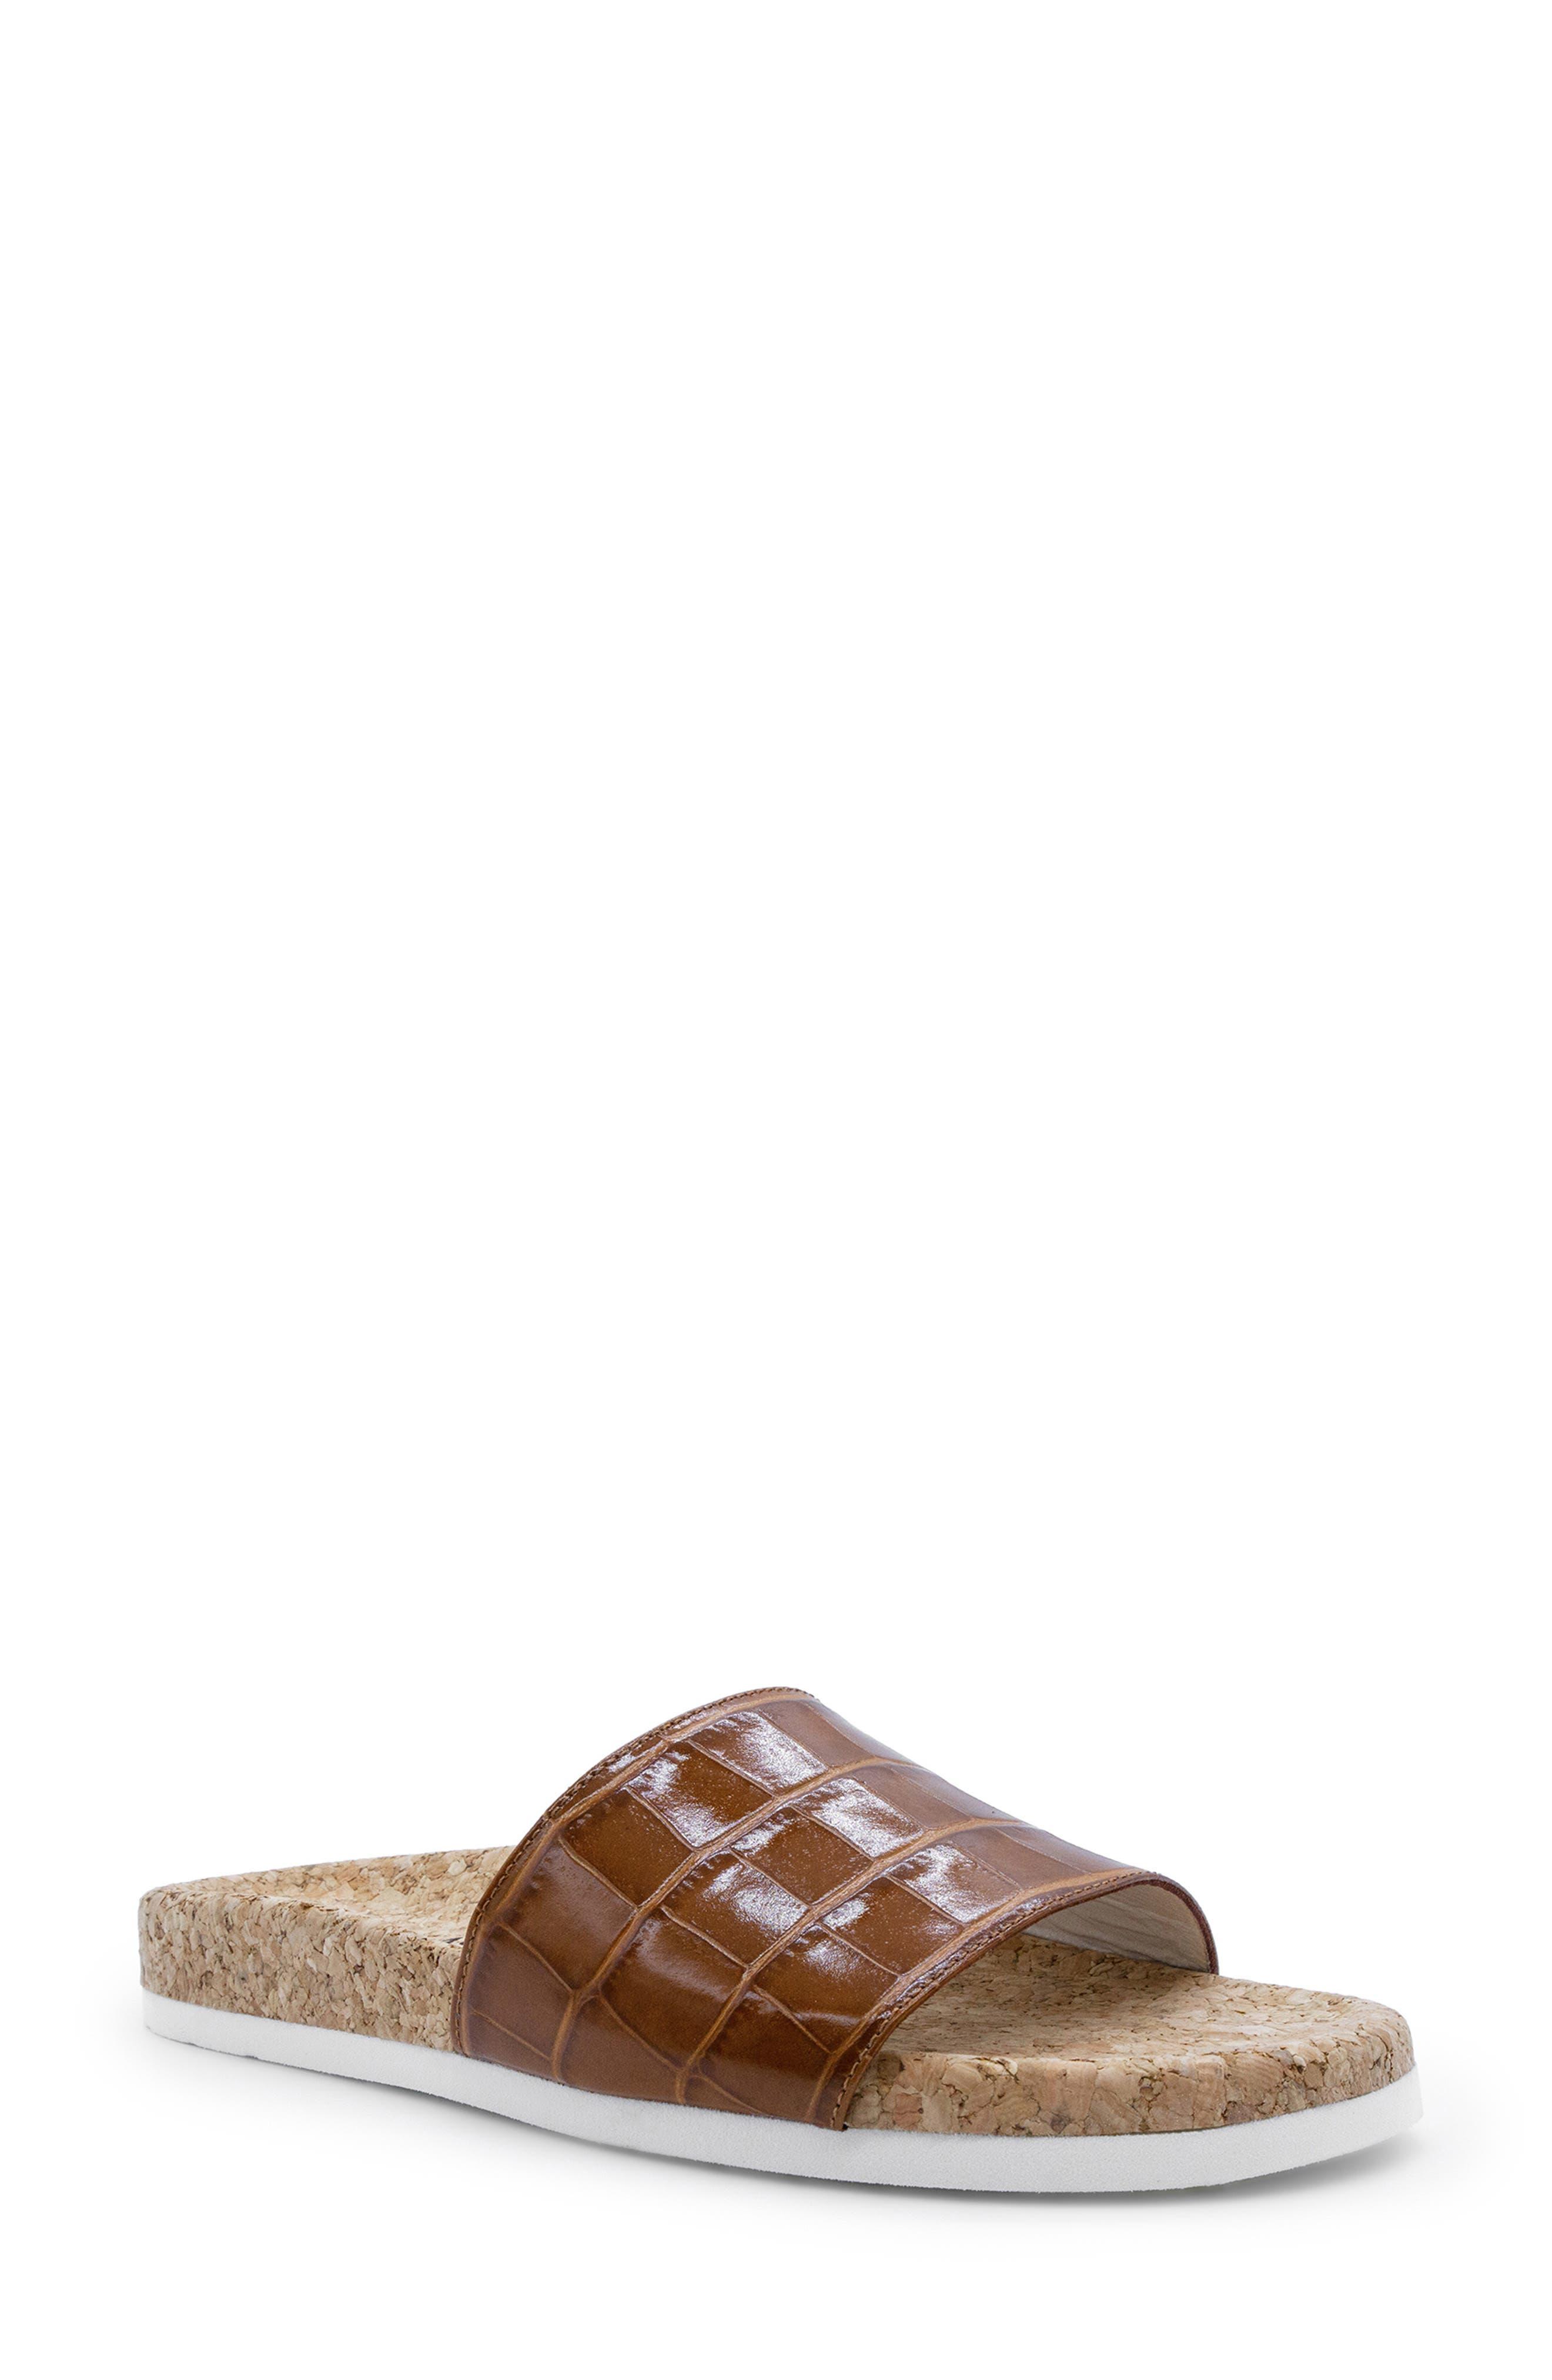 Italeau Molly Croc Embossed Waterproof Slide Sandal